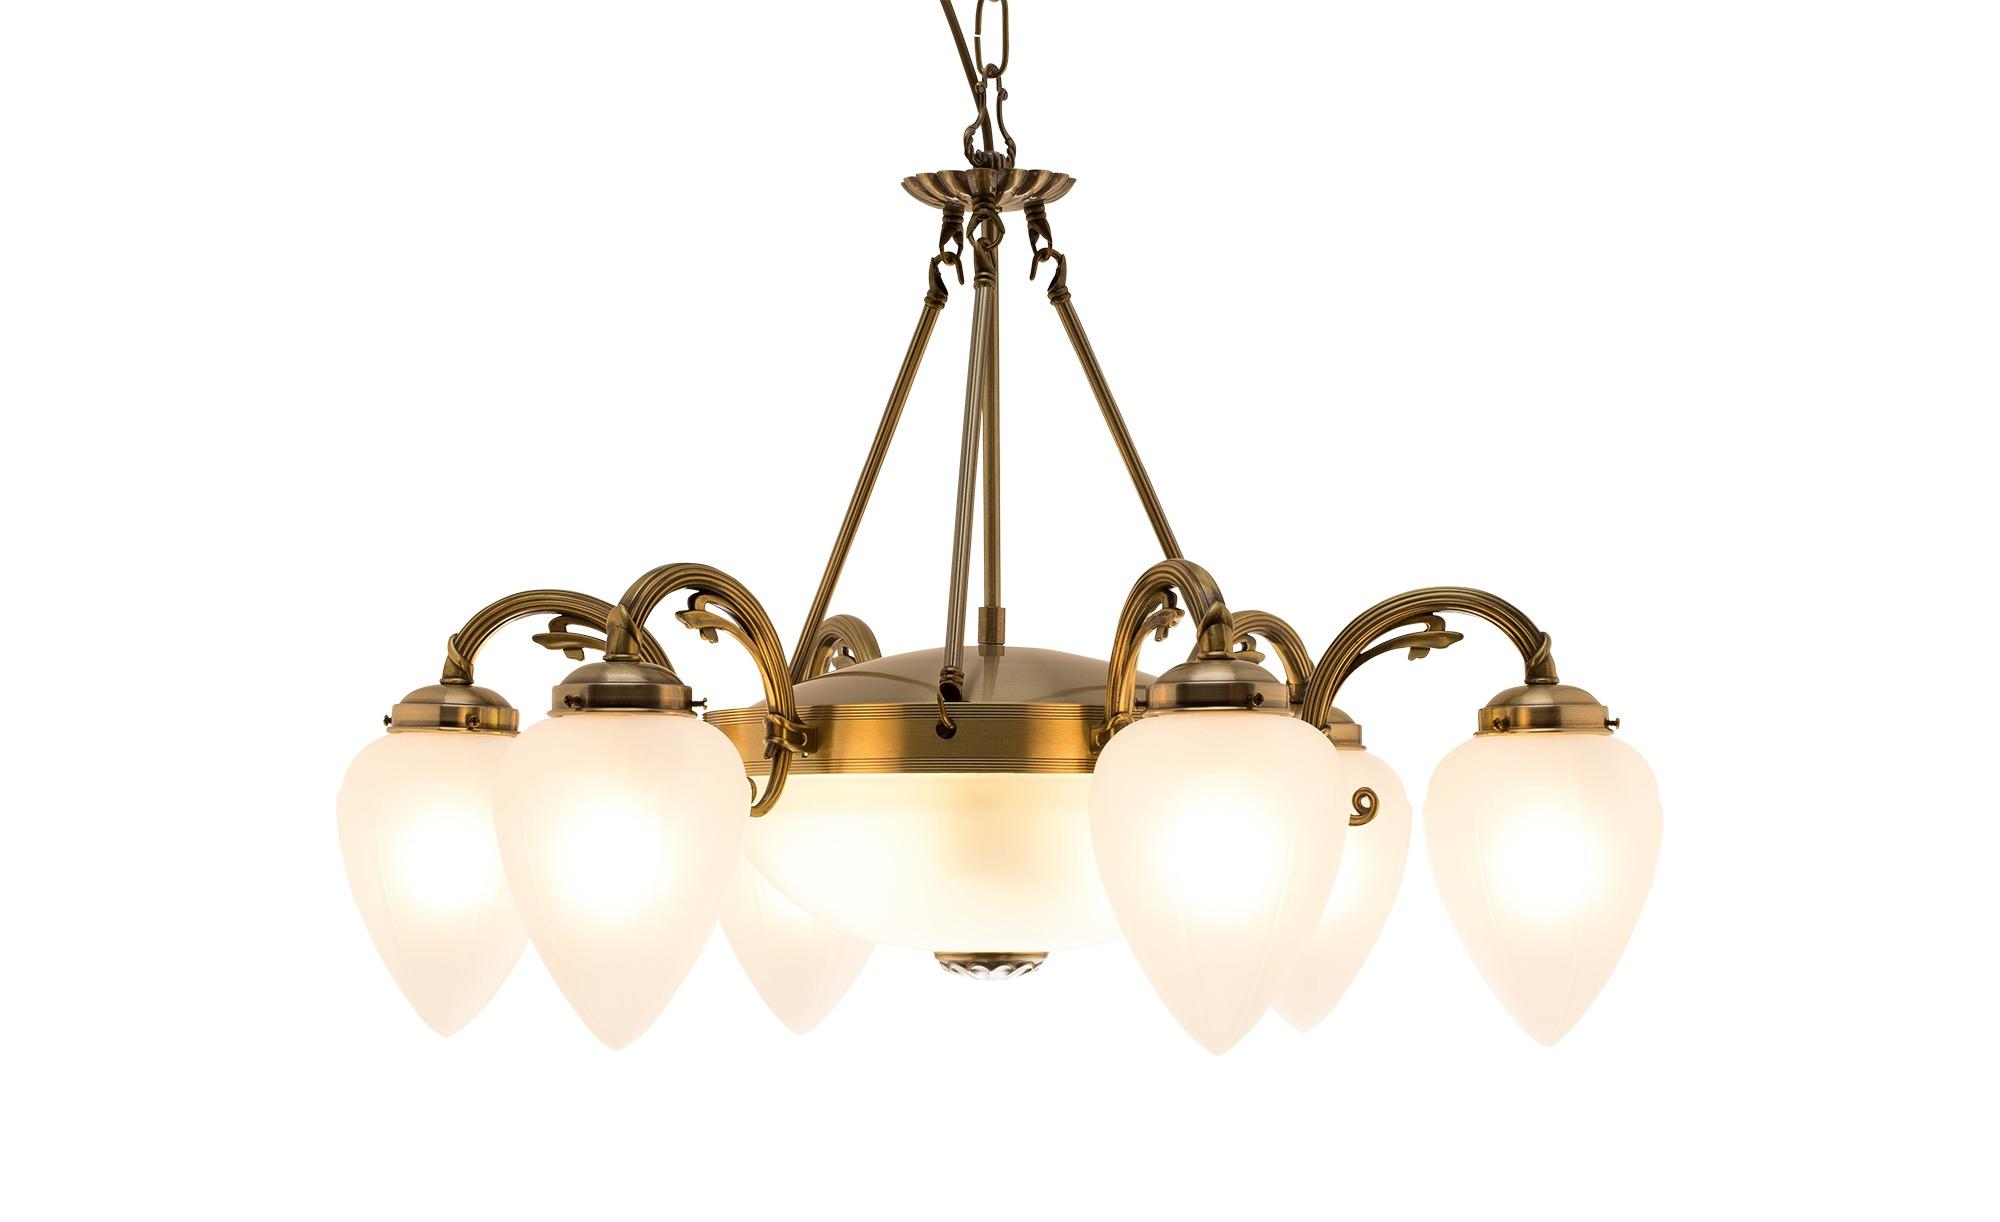 KHG Kronleuchter messing matt 8-flammig ¦ gold ¦ Maße (cm): H: 146 Ø: 74 Lampen & Leuchten > Innenleuchten > Kronleuchter - Höffner